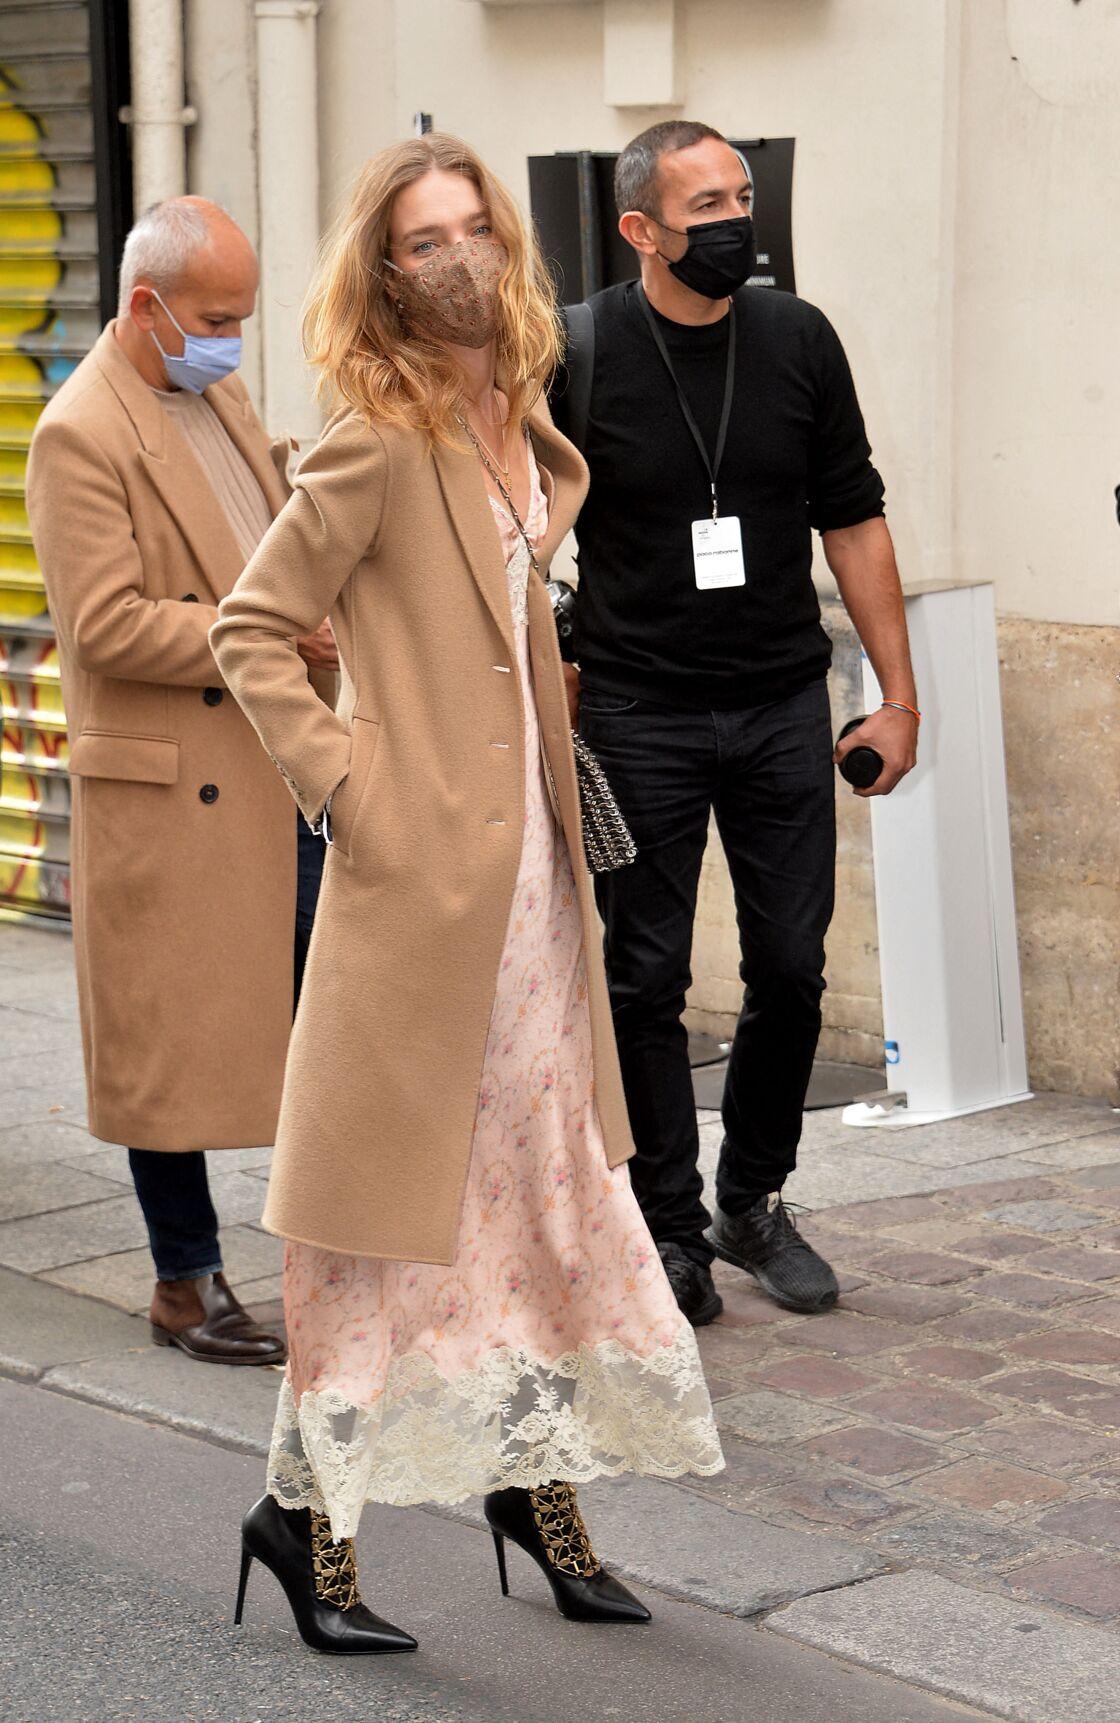 Natalia Vodianova au défilé Paco Rabanne collection Printemps-Eté 2021 a opté pour un mix and match en associant dentelle et des bottines rock.